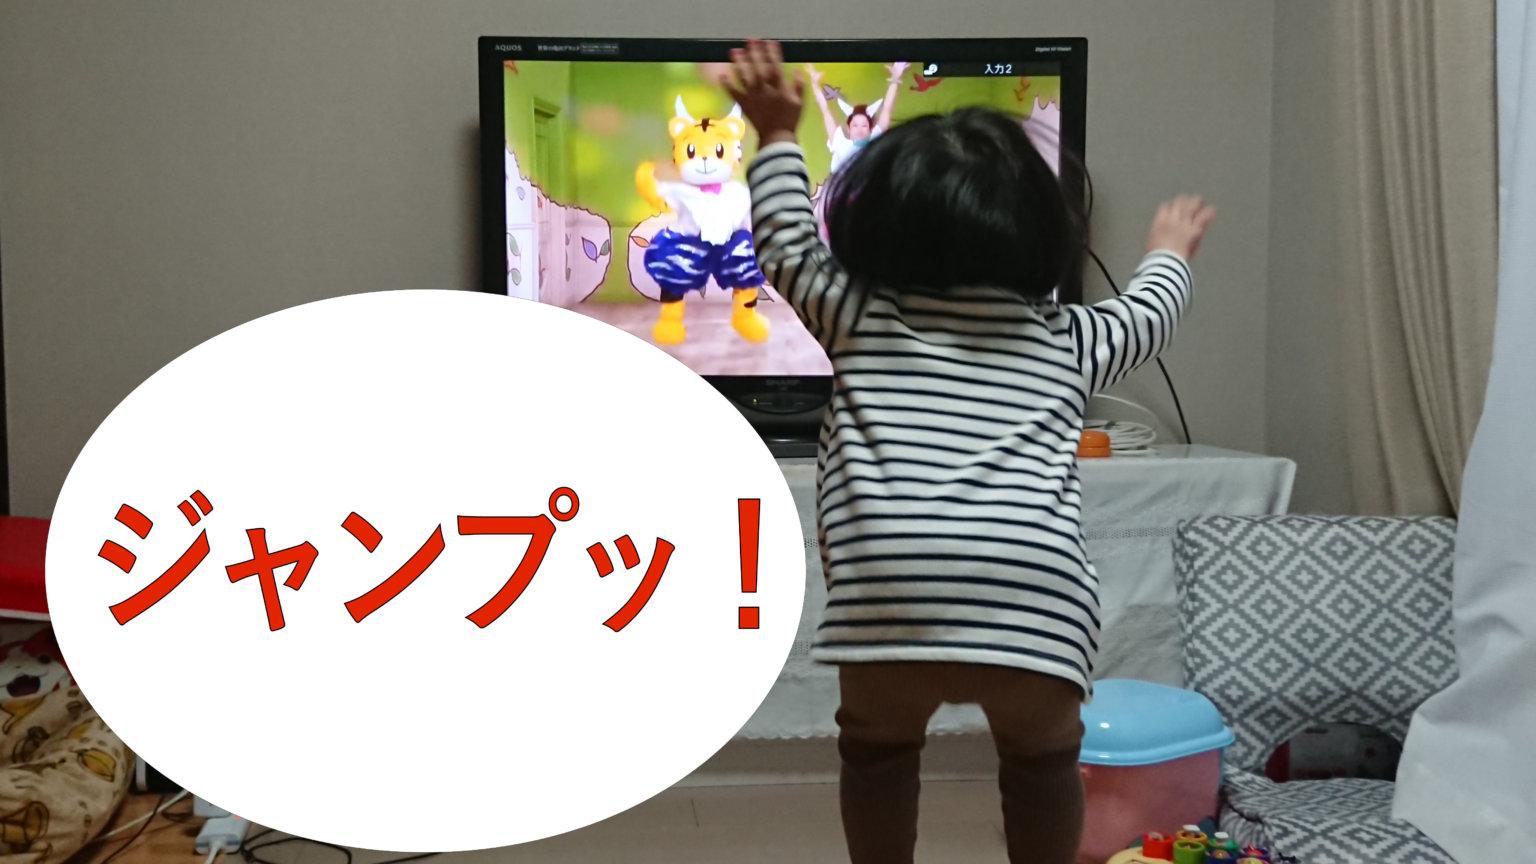 我が家の娘はジャンプが得意♪子供のジャンプは何歳から?【子供の成長と発育】